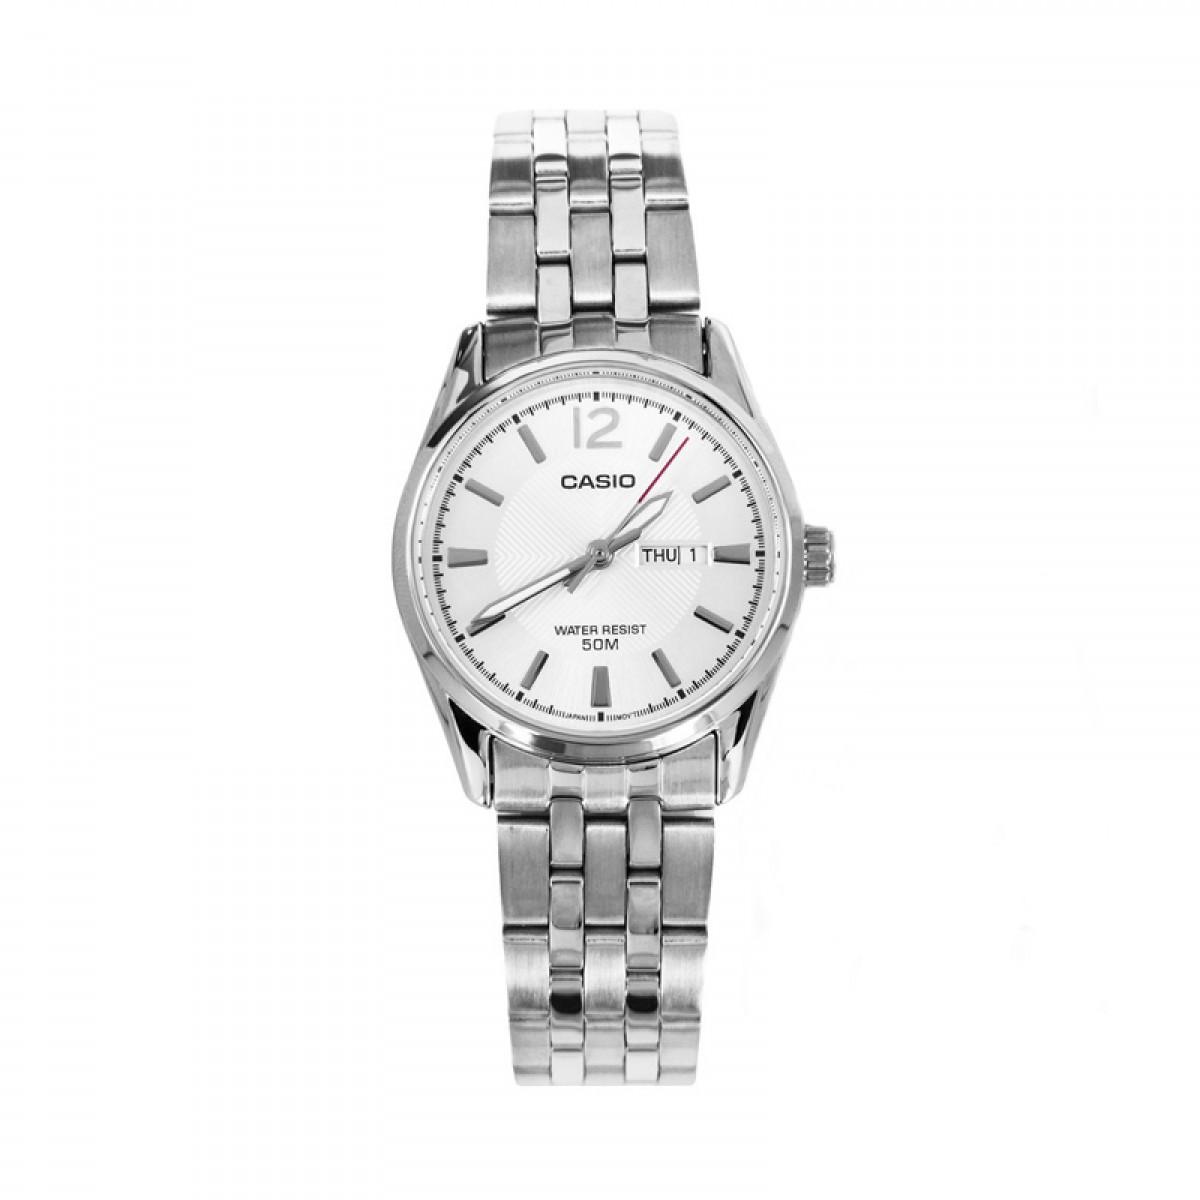 Часовник Casio LTP-1335D-7AV